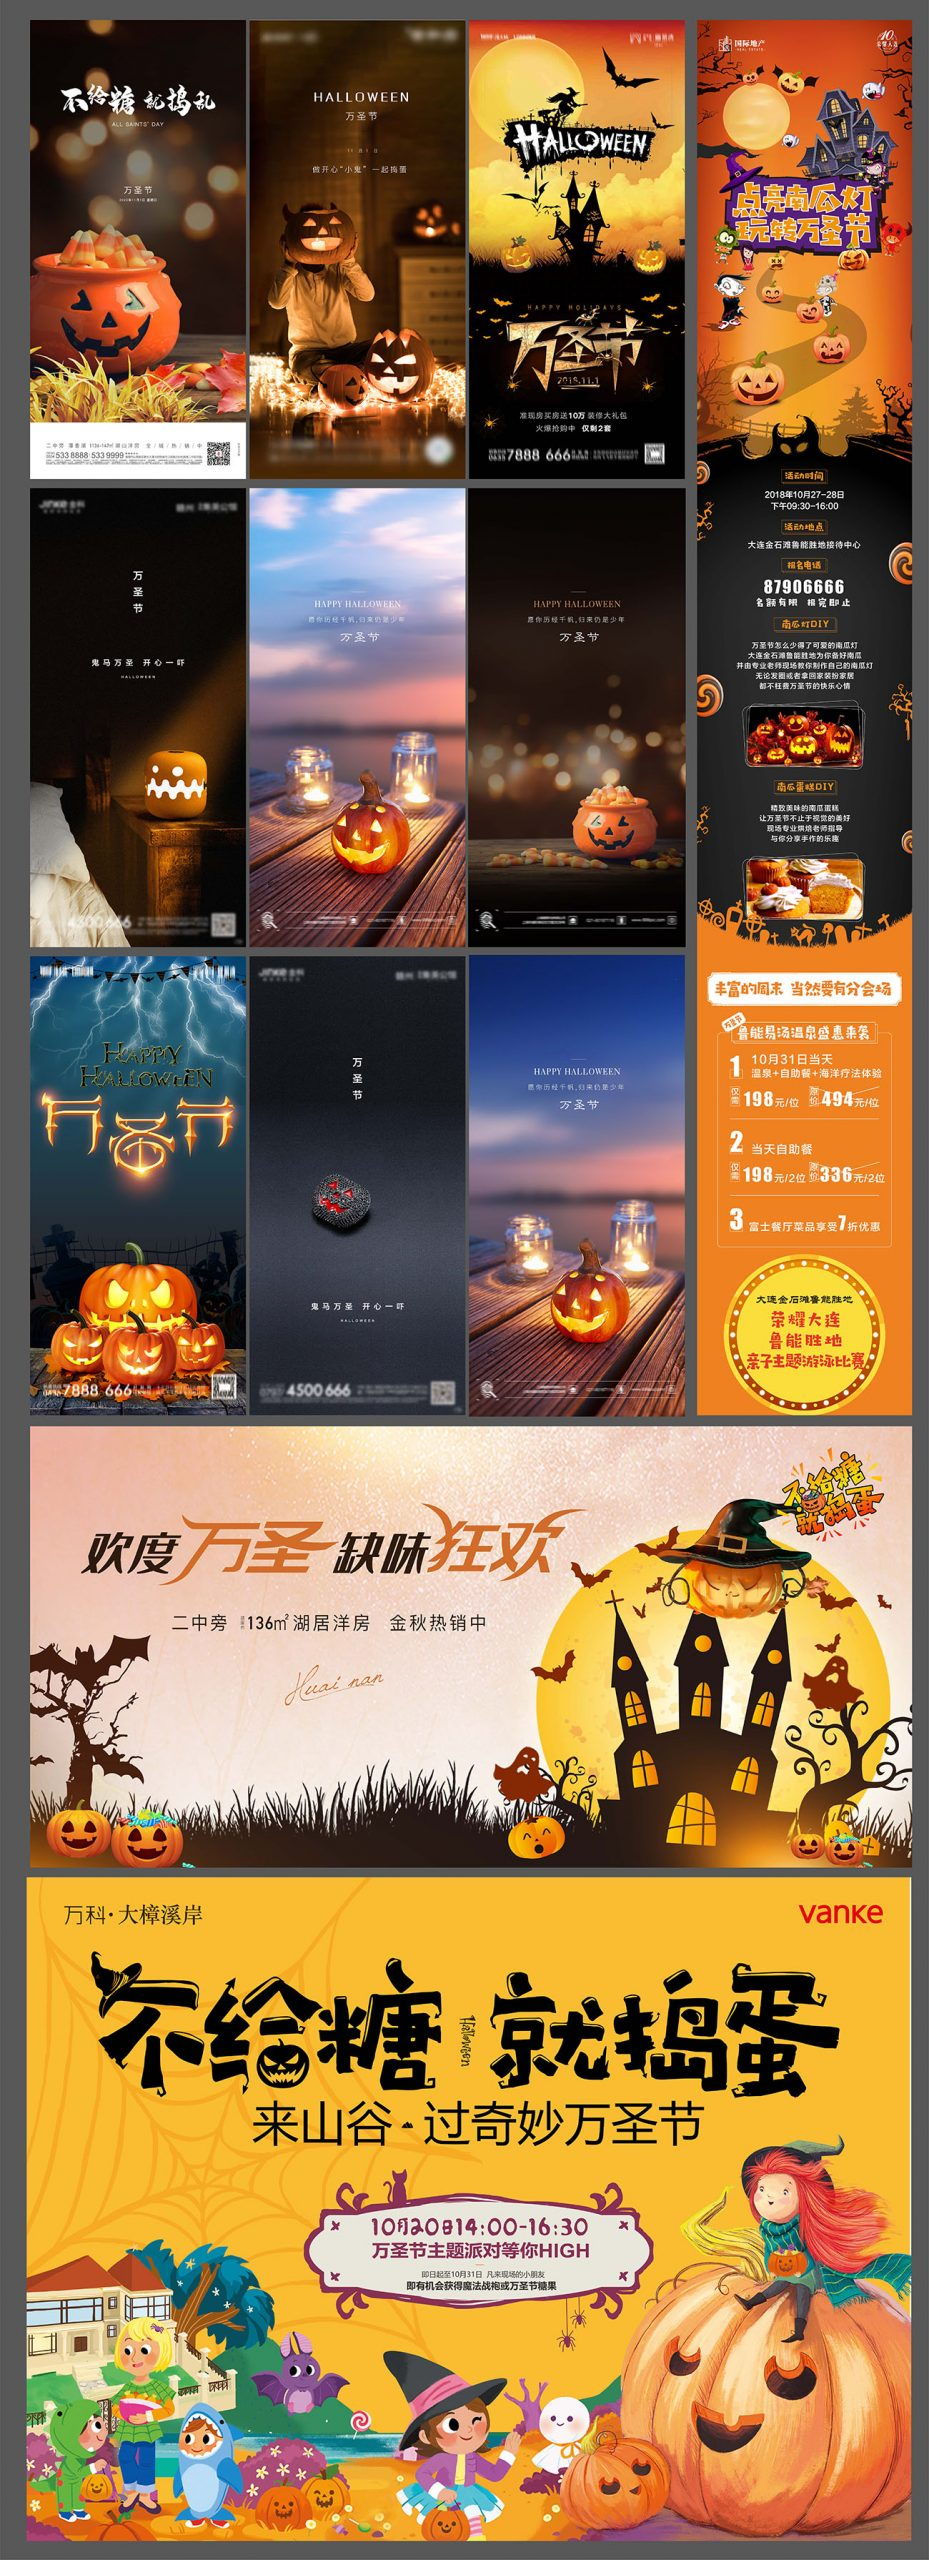 地产万圣节刷屏海报PSD源文件插图